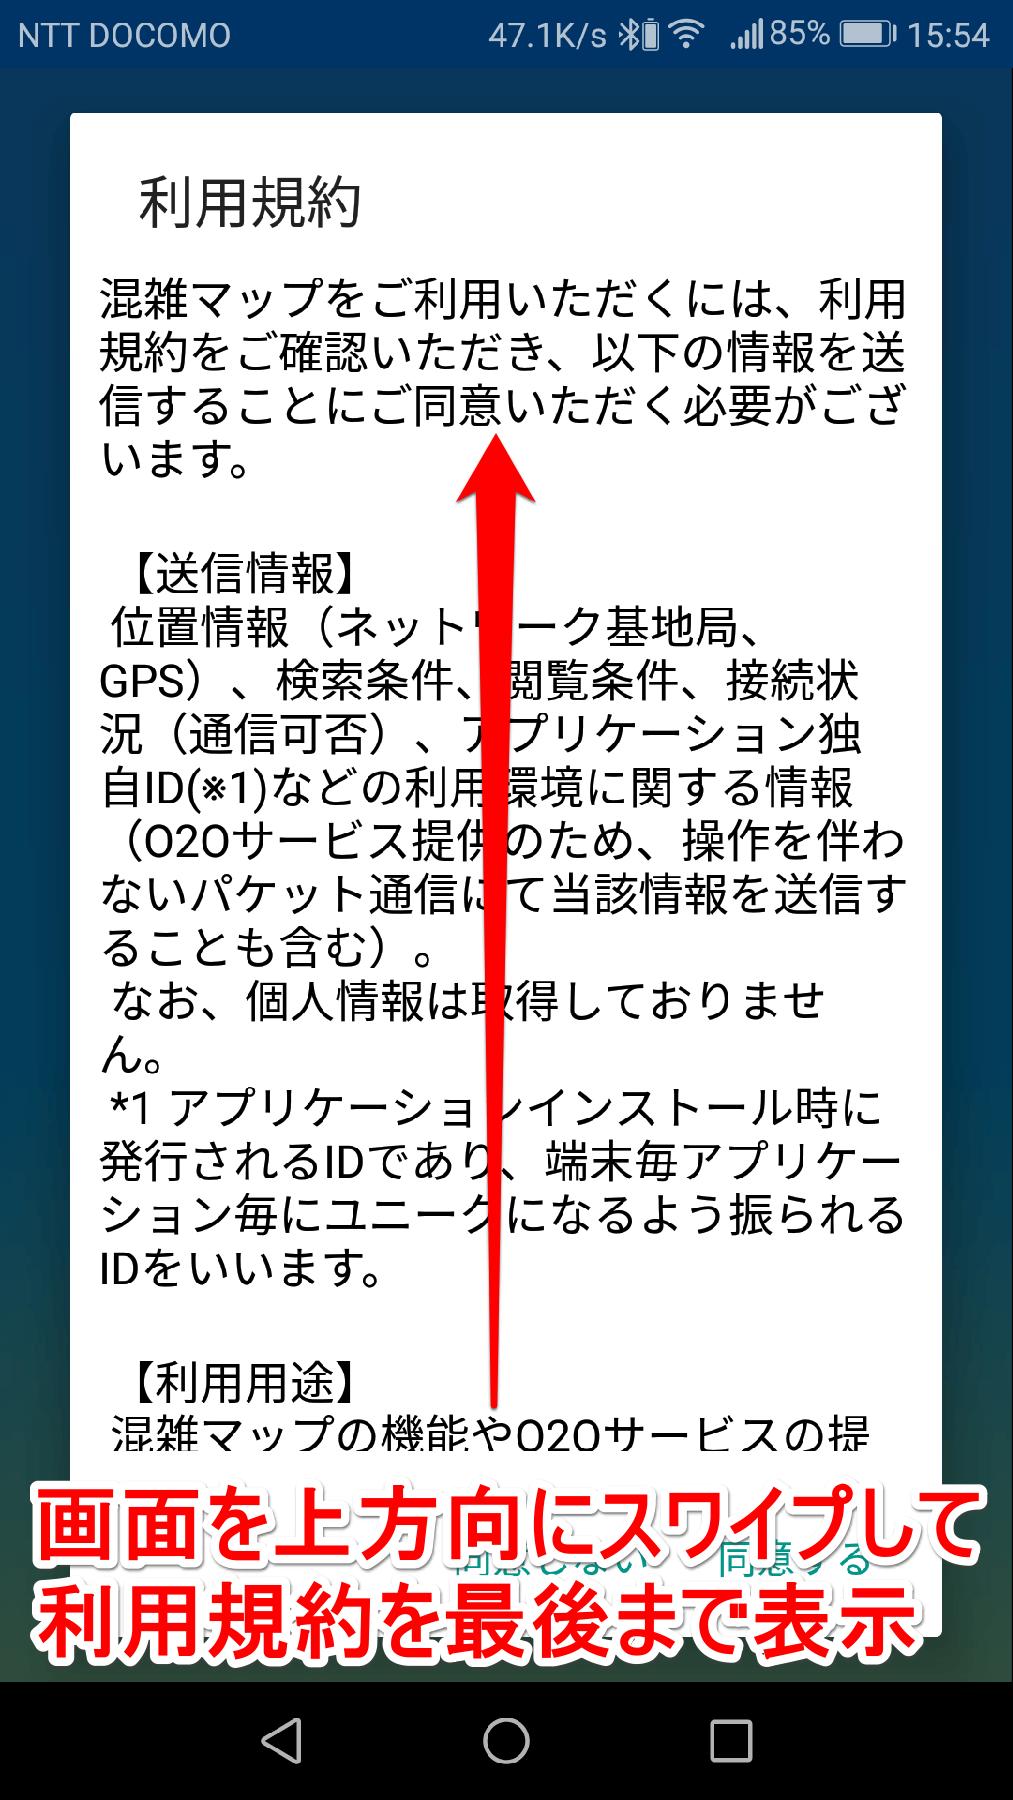 [混雑マップ]アプリの利用規約画面